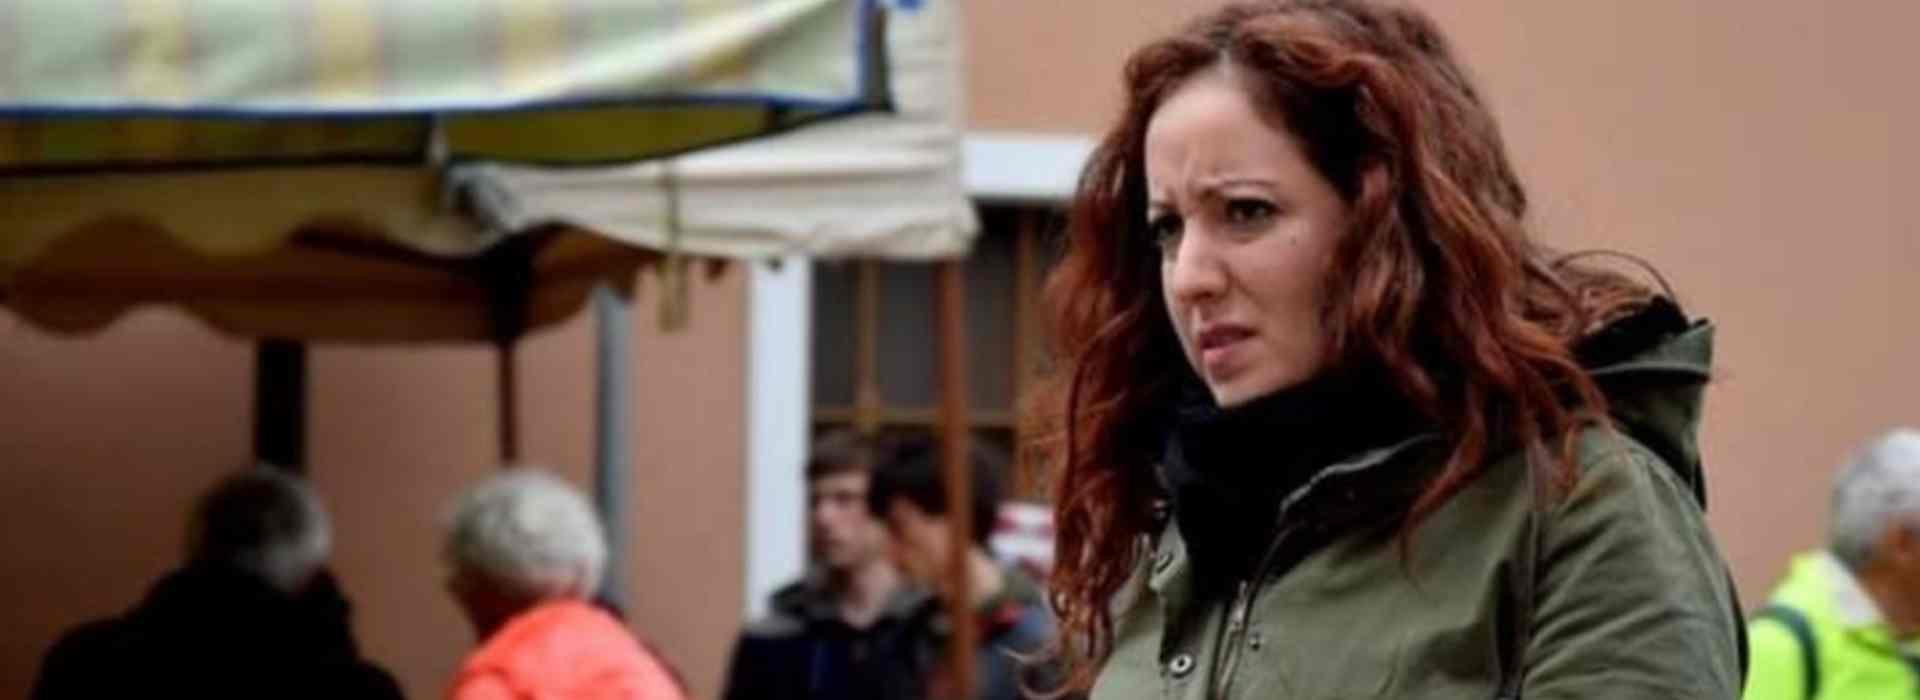 No Tav, arresto Dana Lauriola: in carcere per un megafono